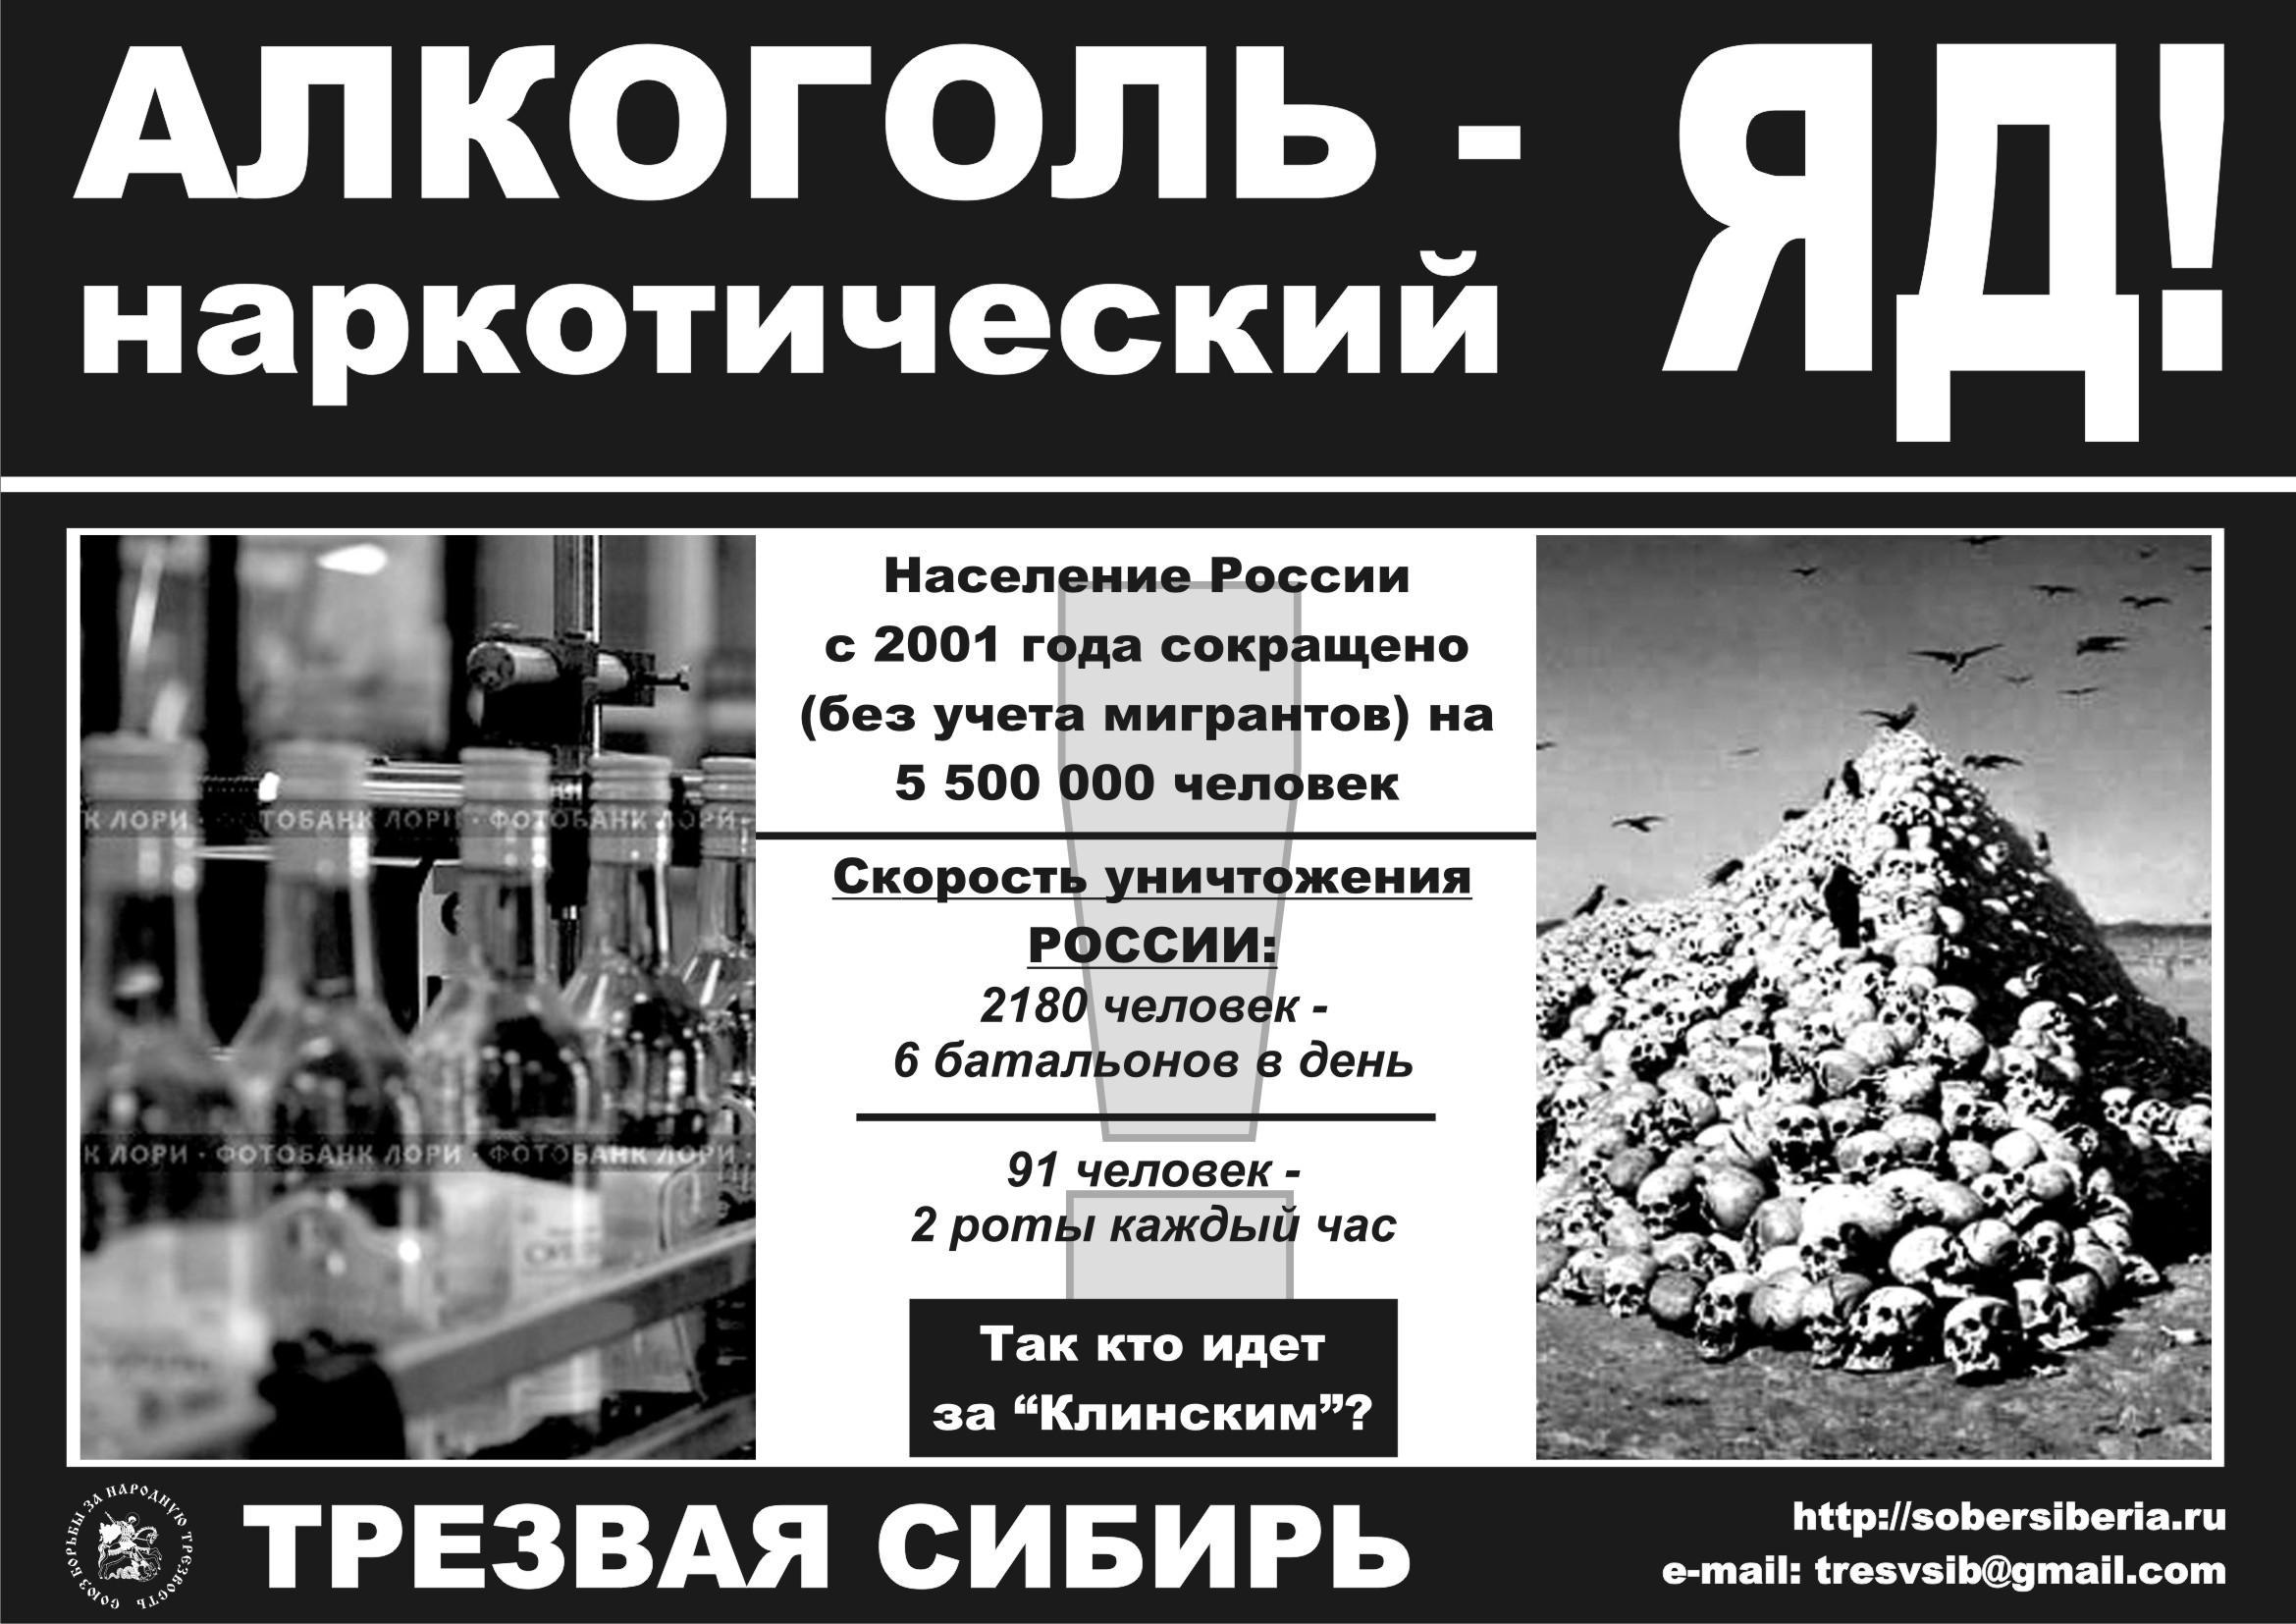 Препараты лечения алкоголизма